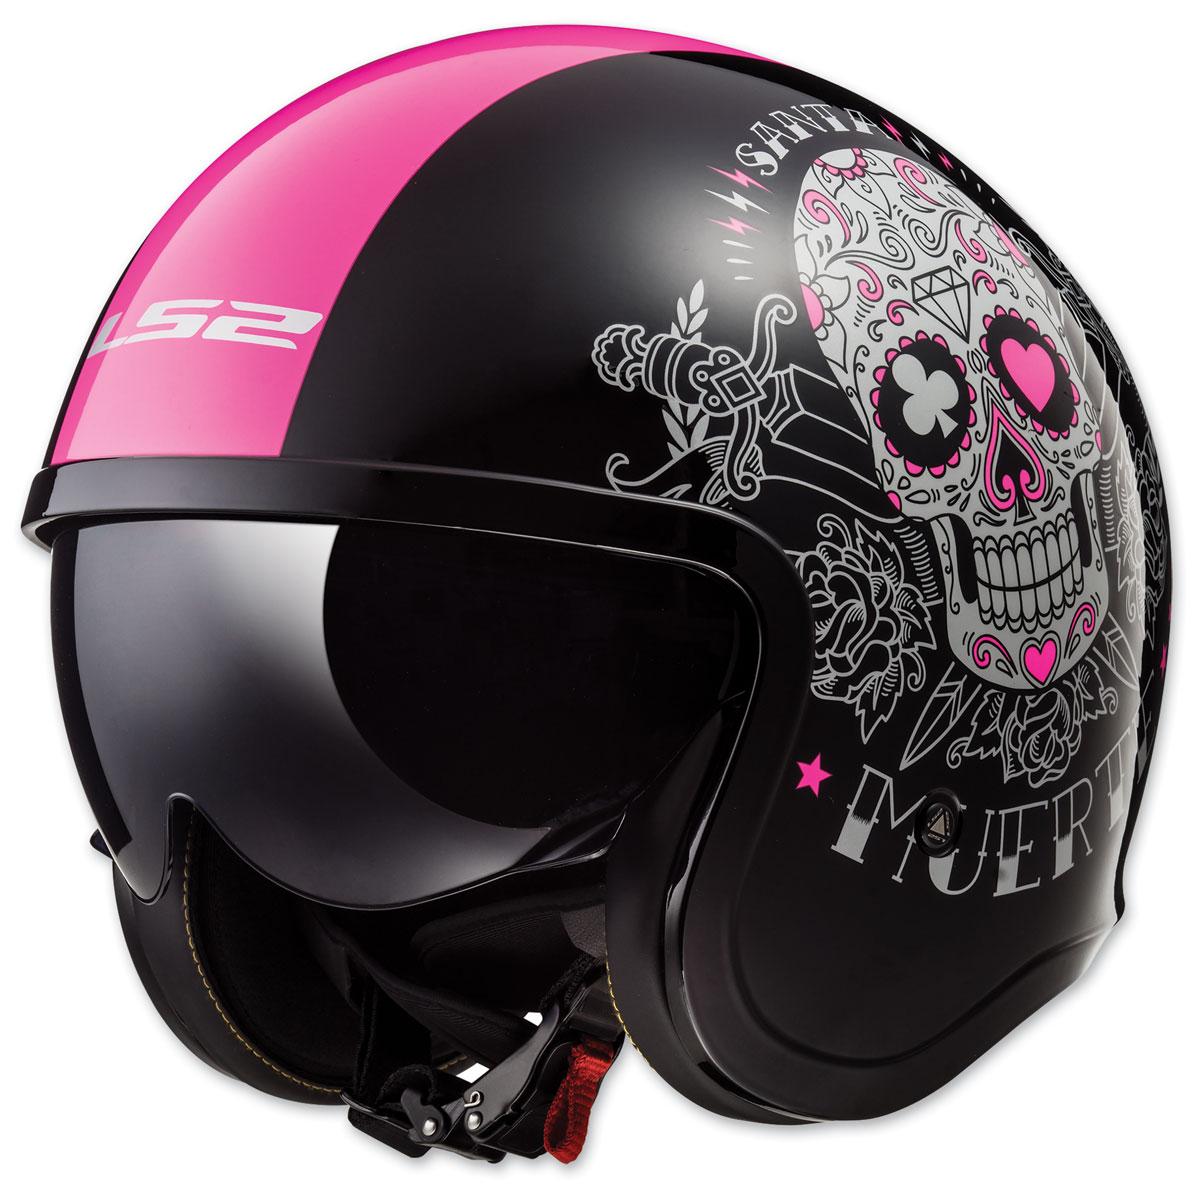 LS2 Spitfire Pink Muerte Gloss Black Open Face Helmet